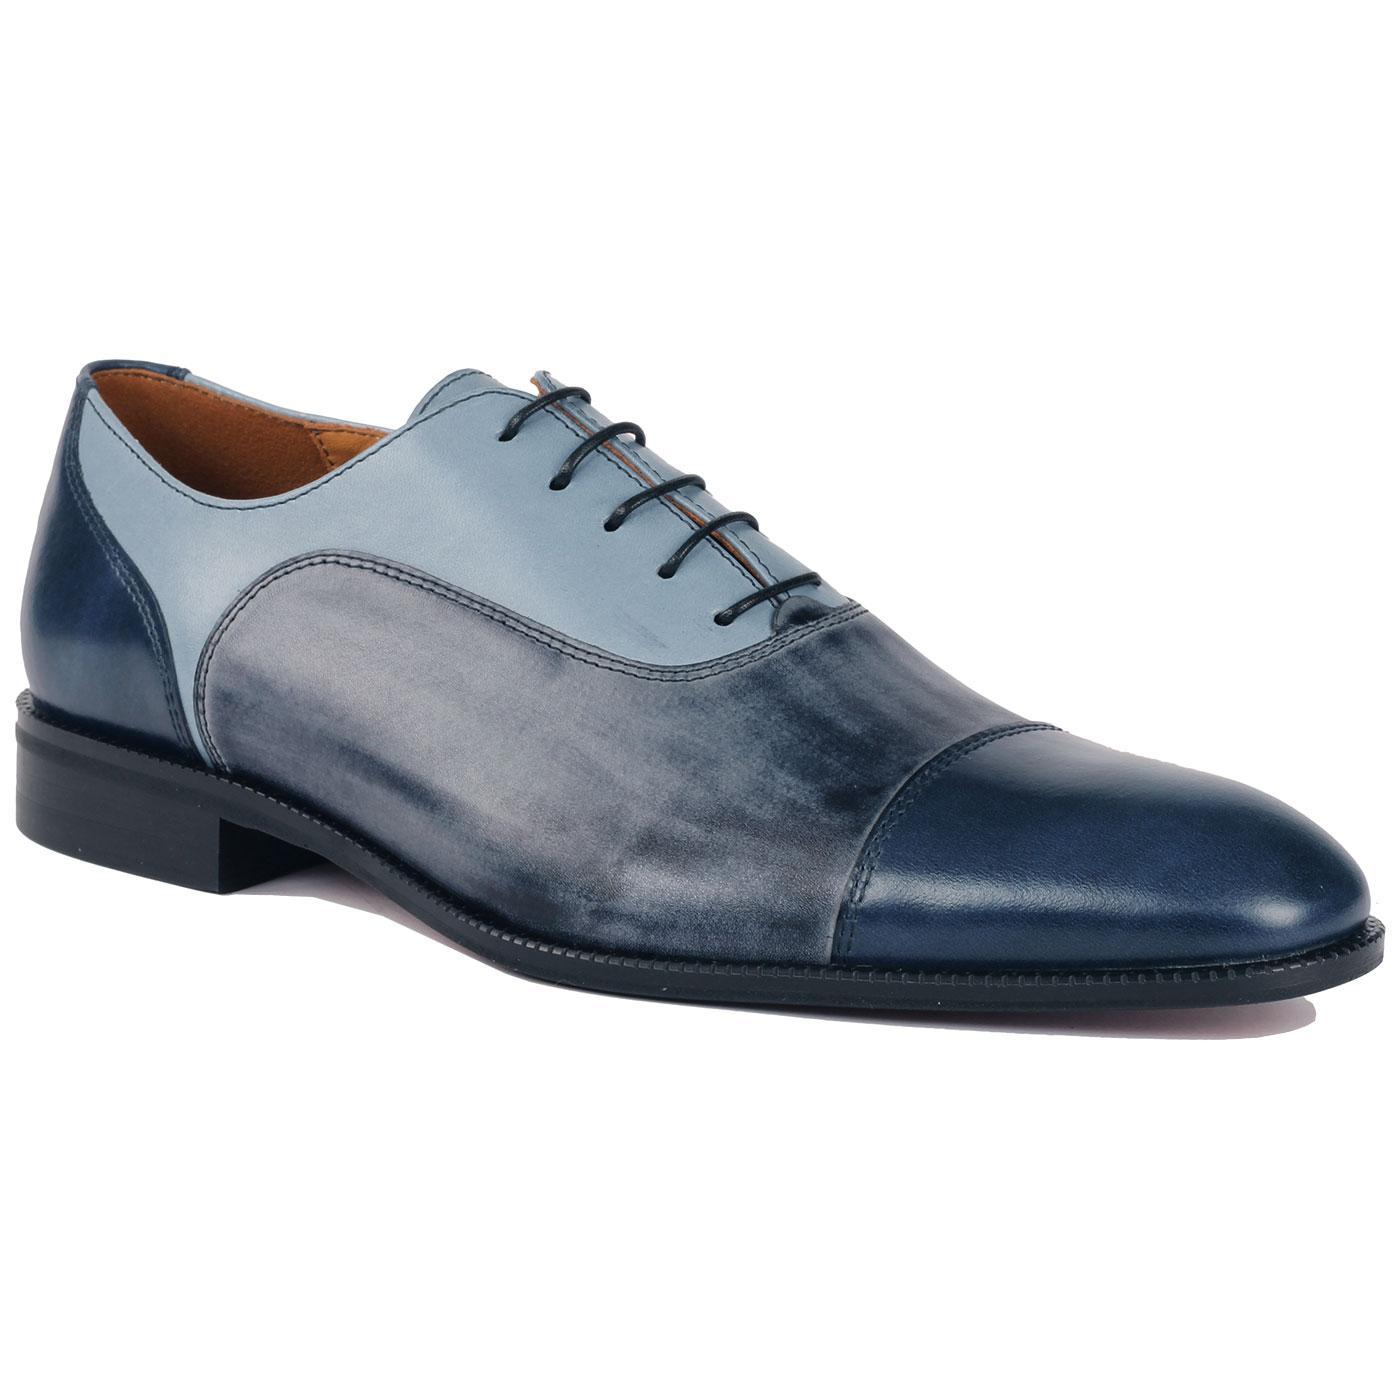 LACUZZO Retro Mod Tri-Colour Oxford Toe Cap Shoes